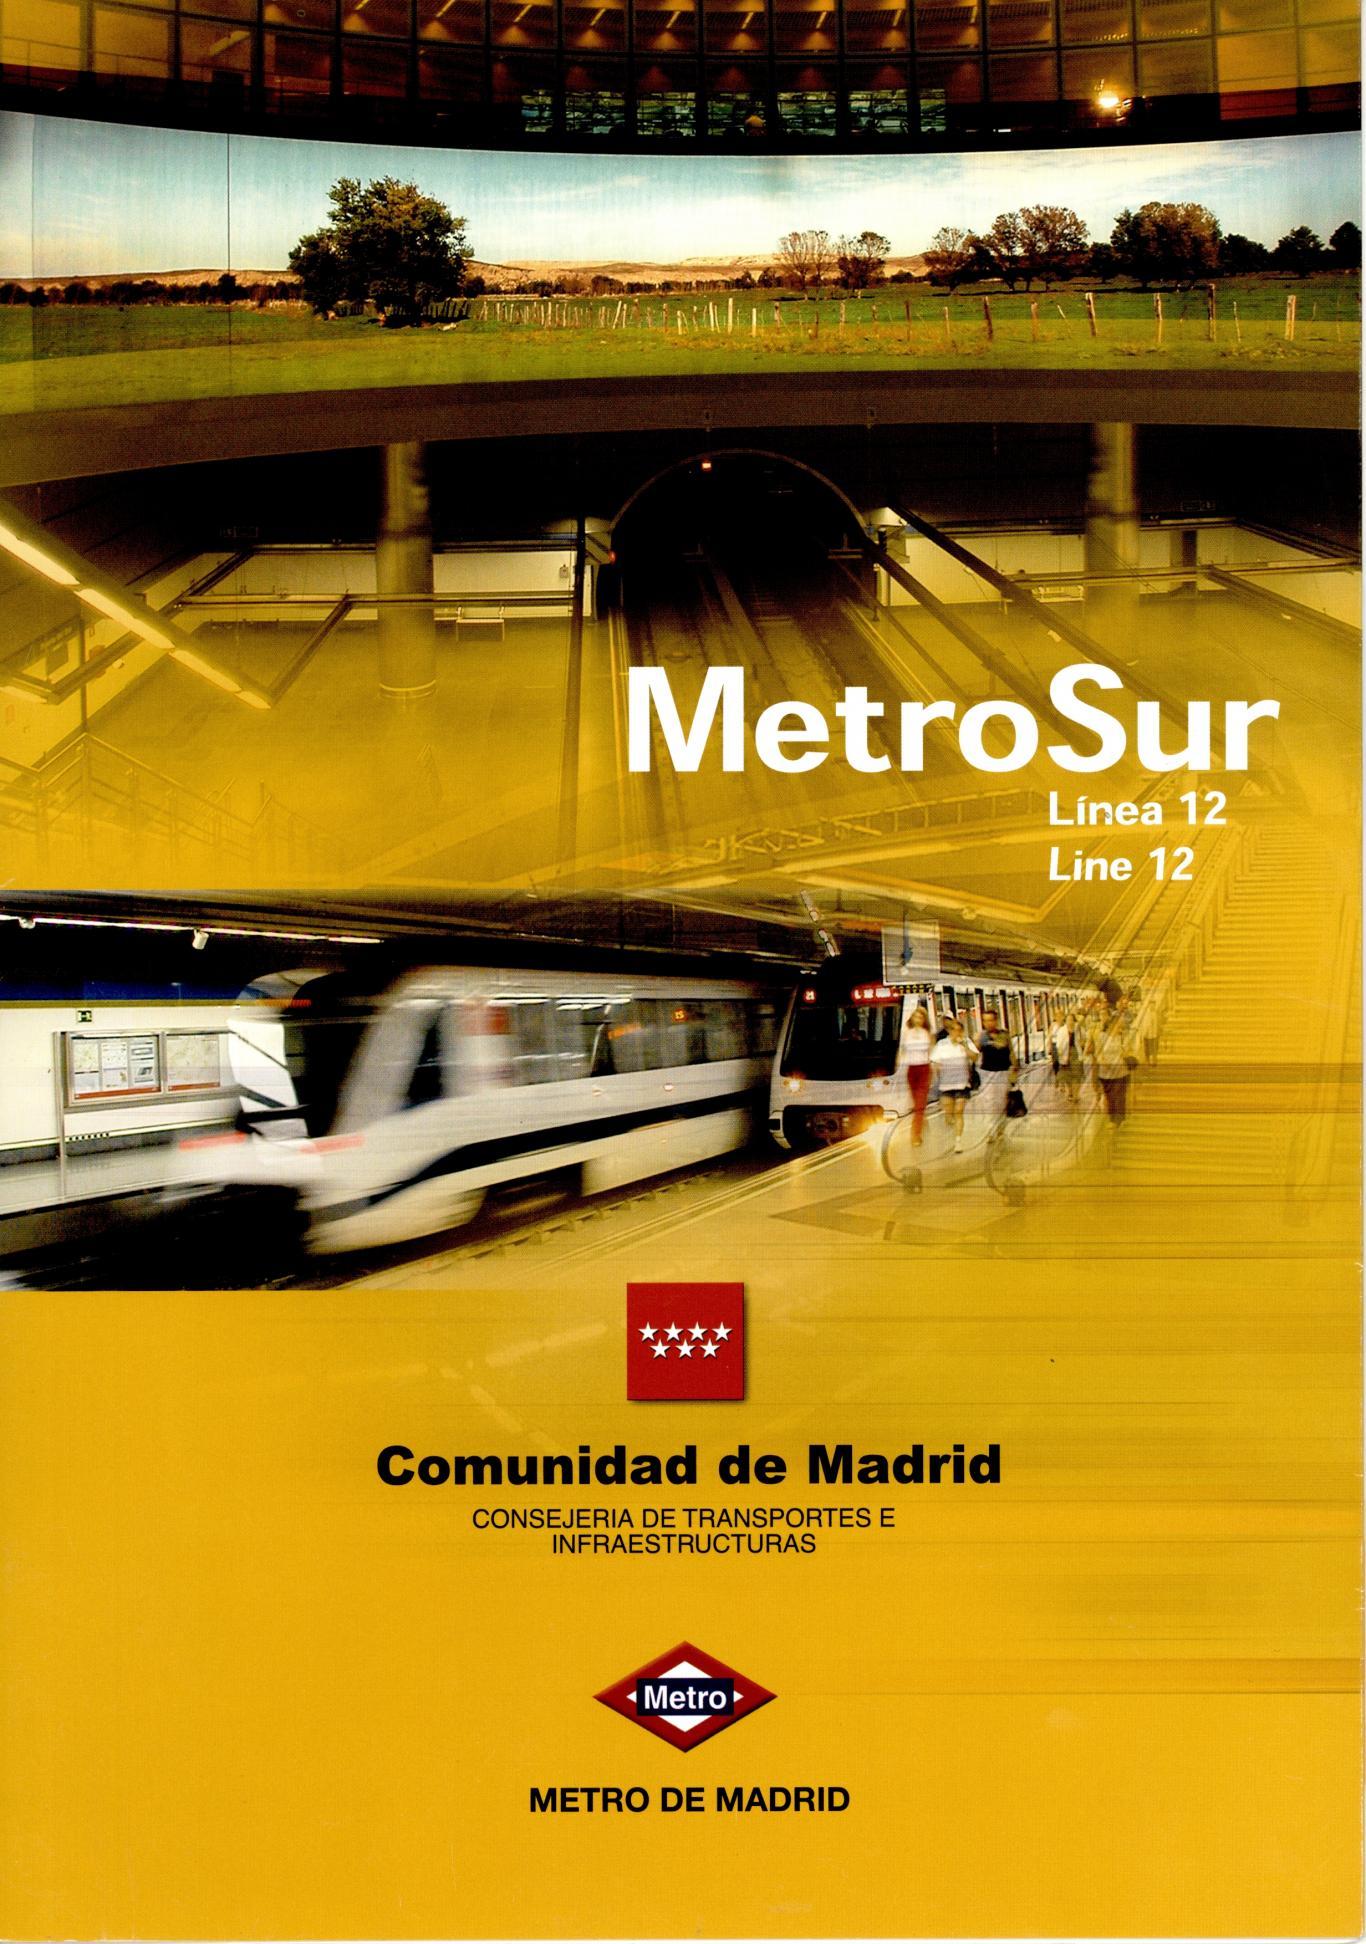 Carátula folleto Metrosur Línea 12